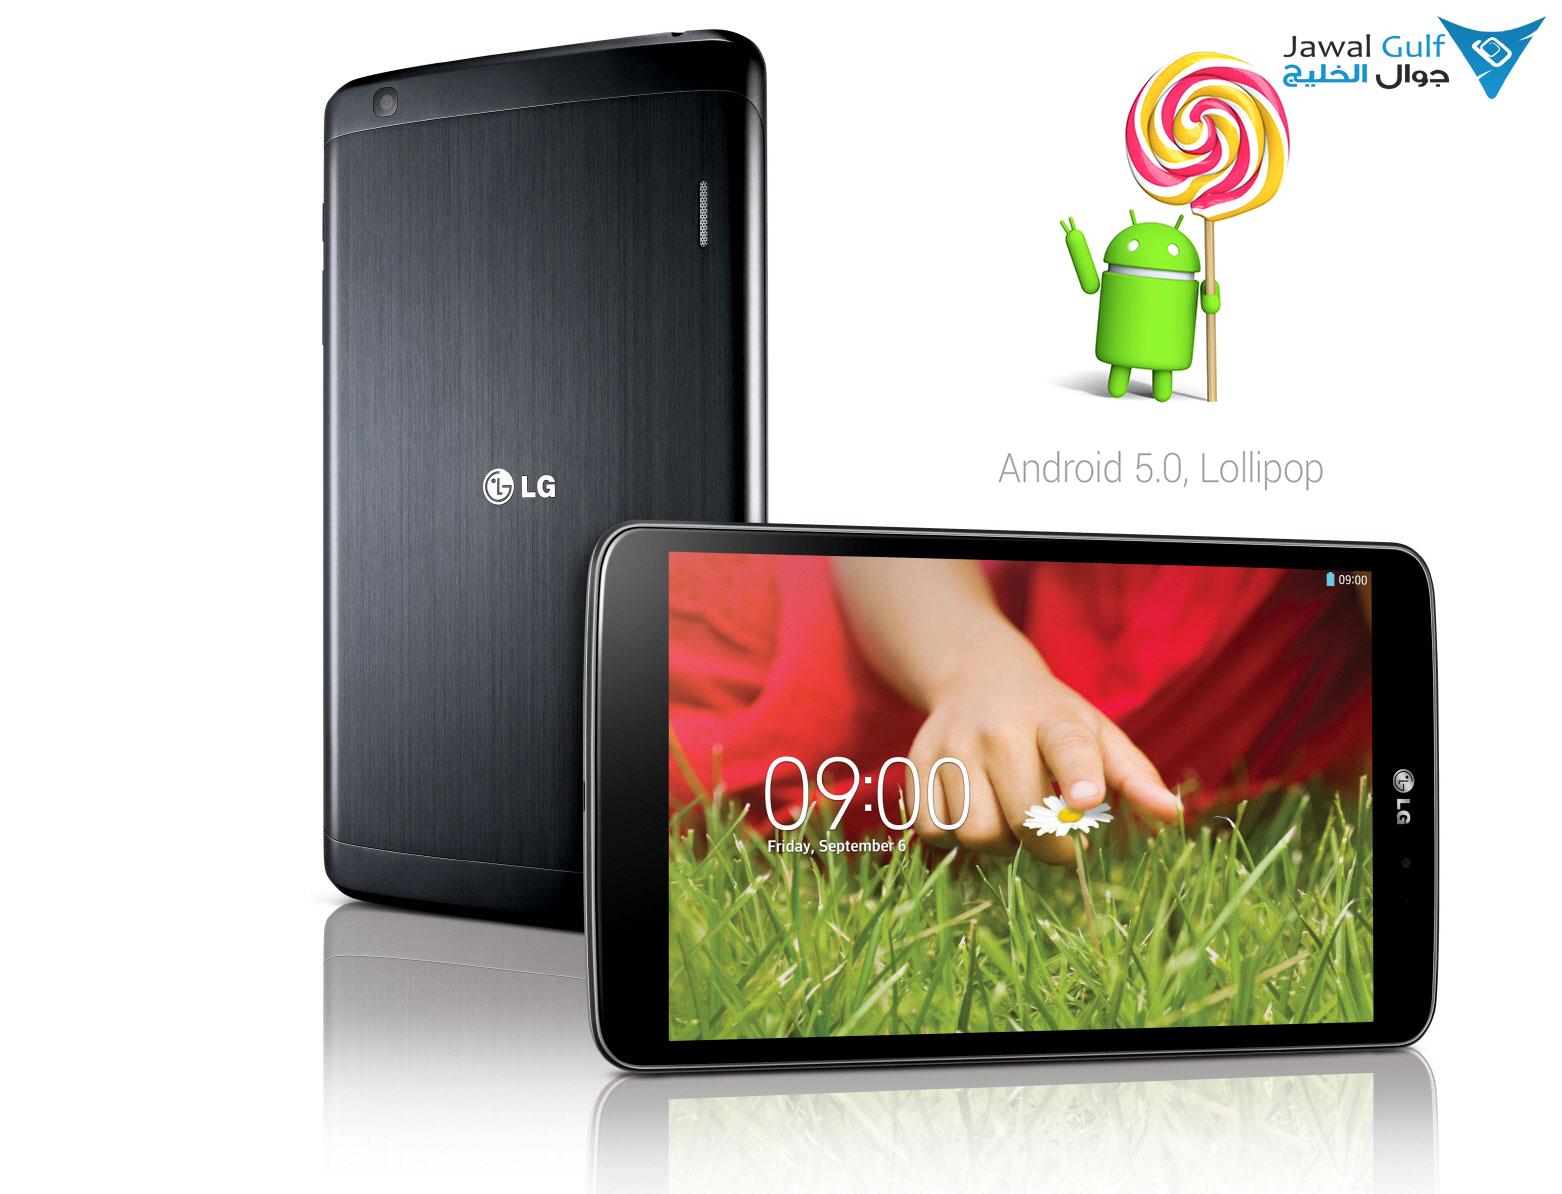 Photo of تحديث أندرويد لولي بوب يصل للجهاز اللوحي LG G Pad 8.3 Google Play Edition عبر OTA